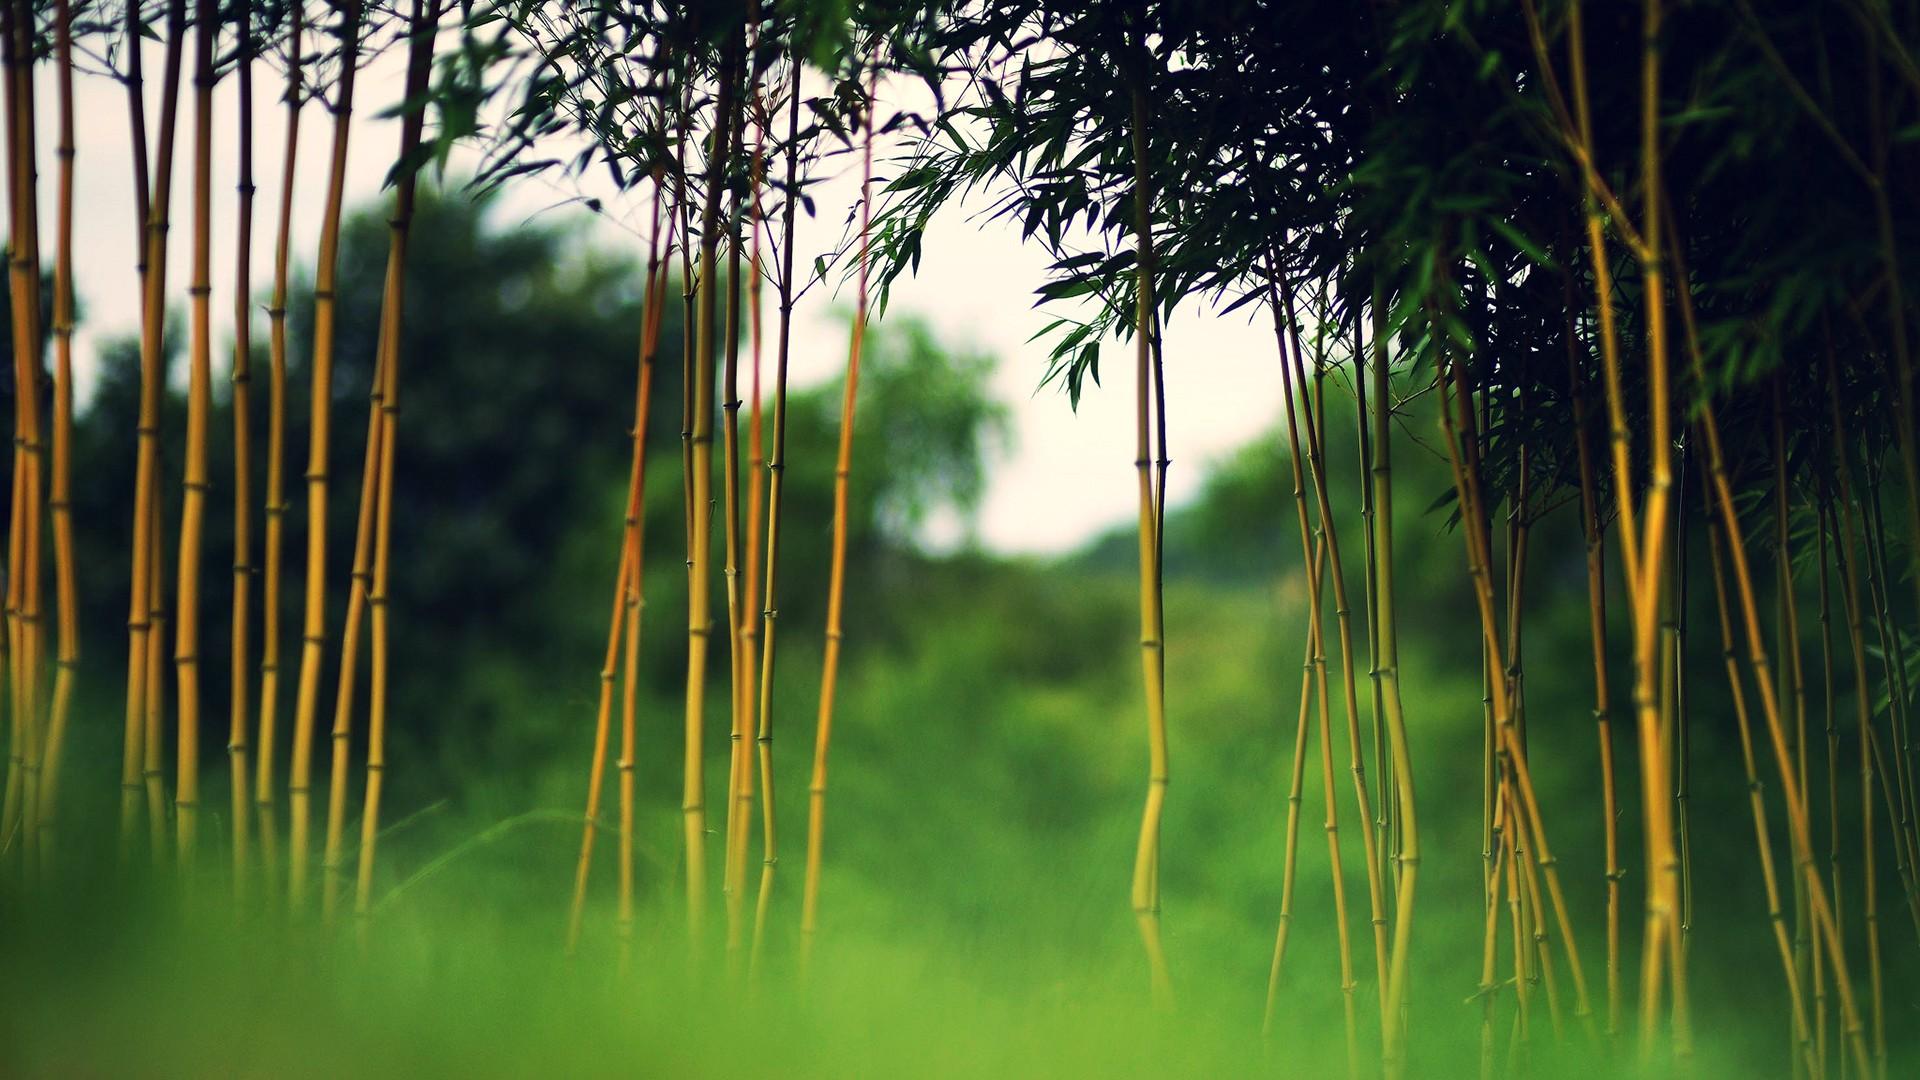 Cool Fall Desktop Wallpaper Bamboo Forest Hd Wallpaper Pixelstalk Net